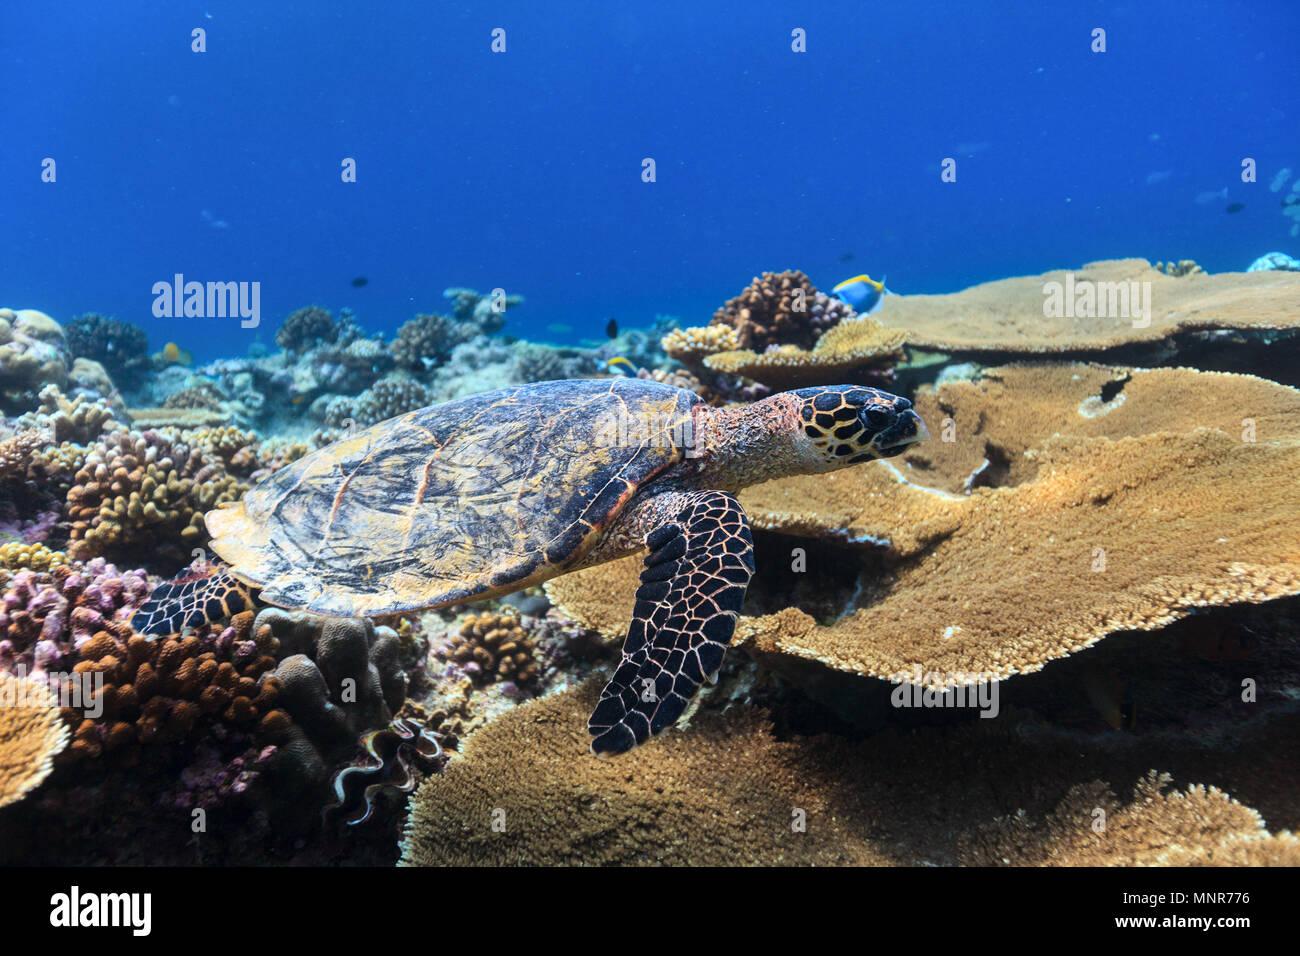 Hawksbill Schildkröte Schwimmen unter Wasser unter den Coral Reef Stockbild